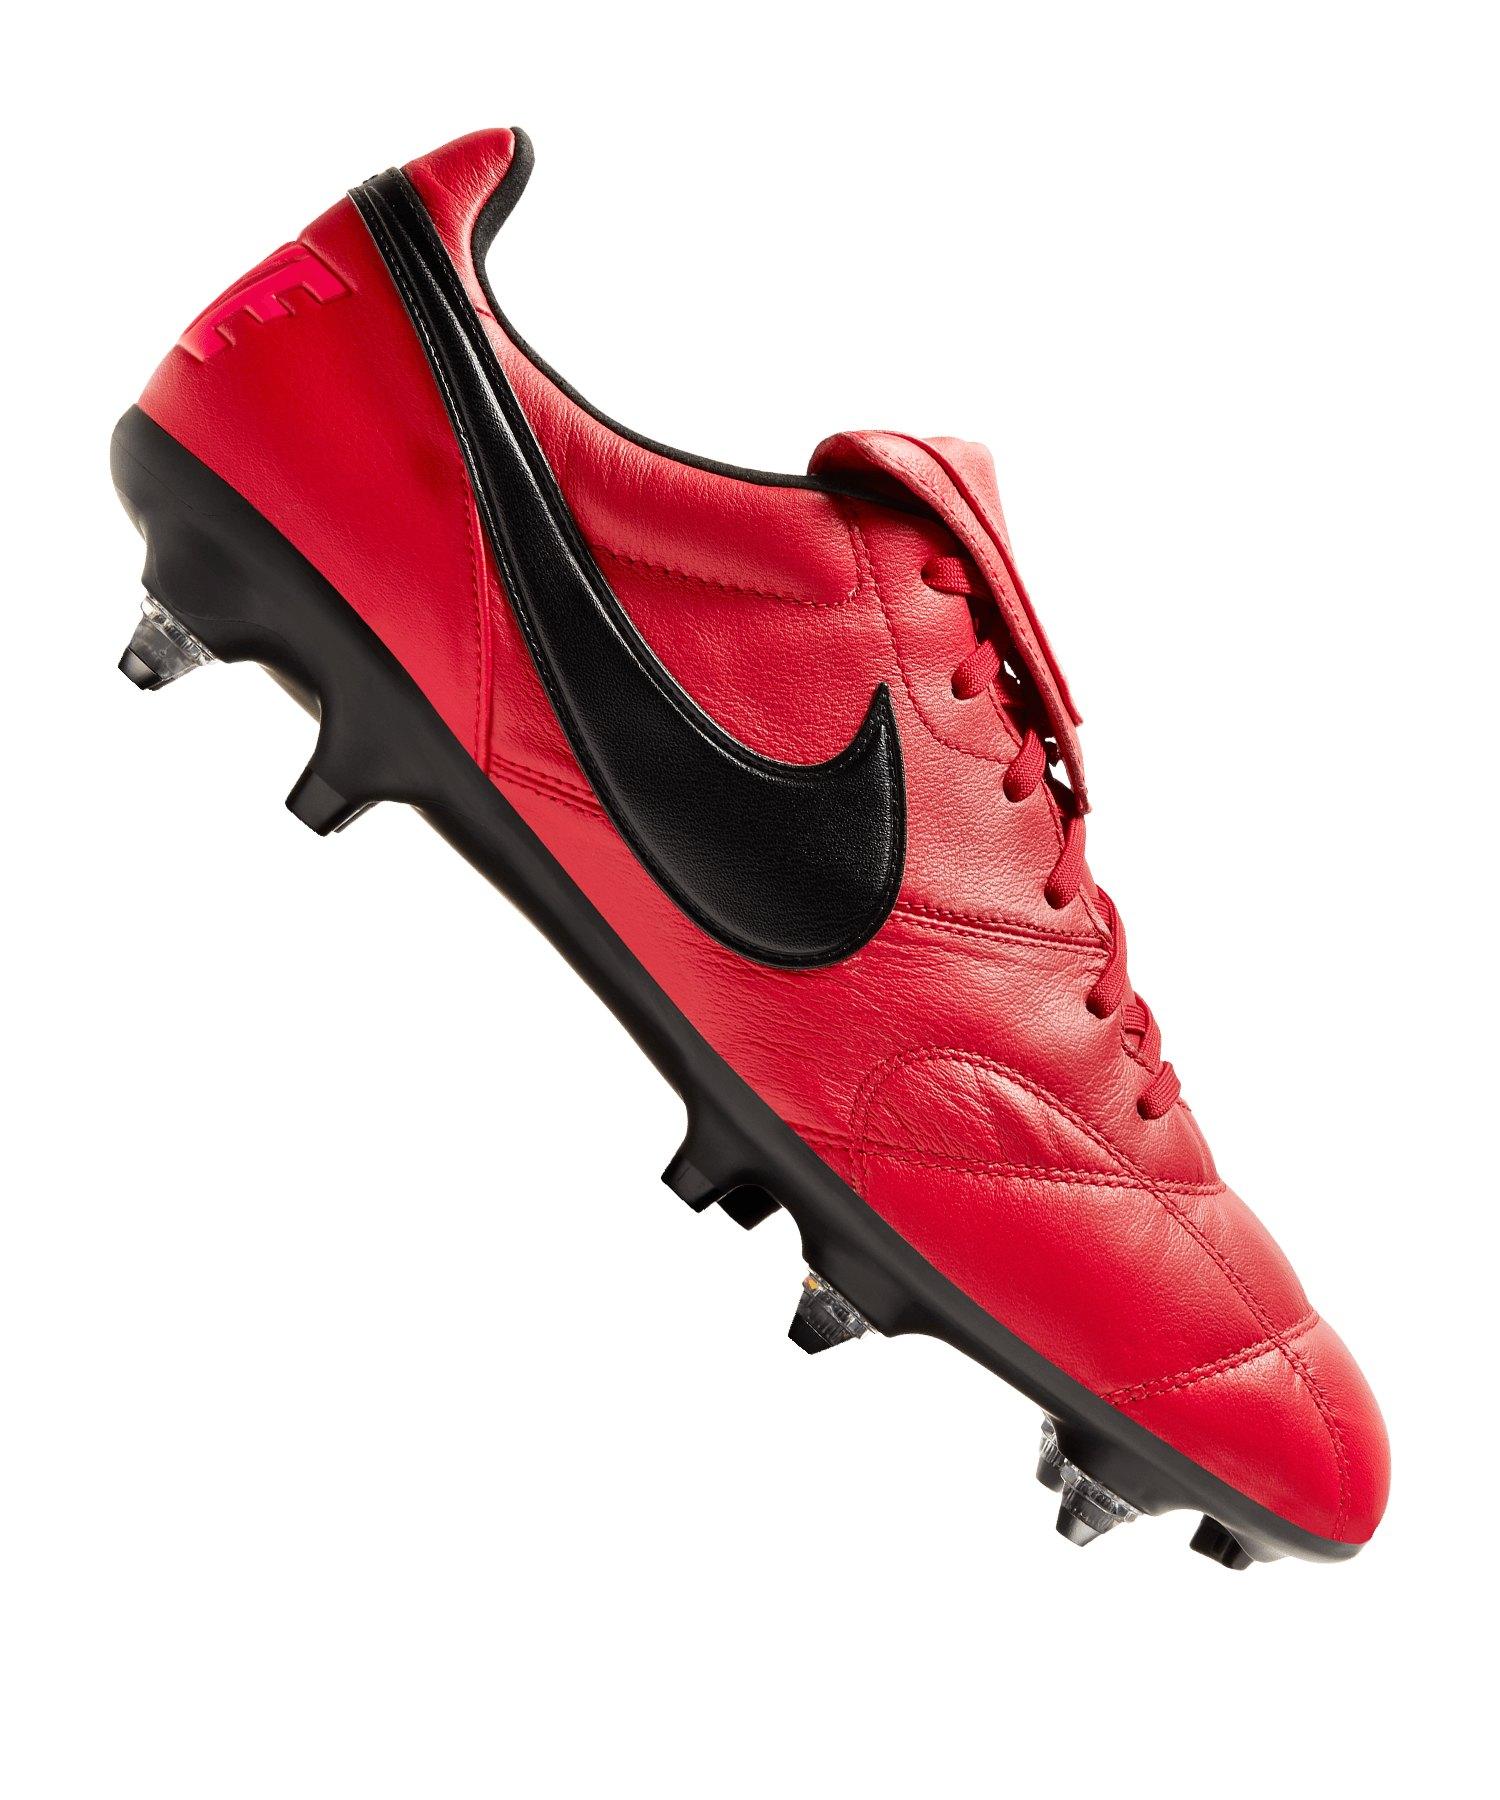 Nike The Nike Premier II SG-Pro Anti Clog Rot F616 - rot